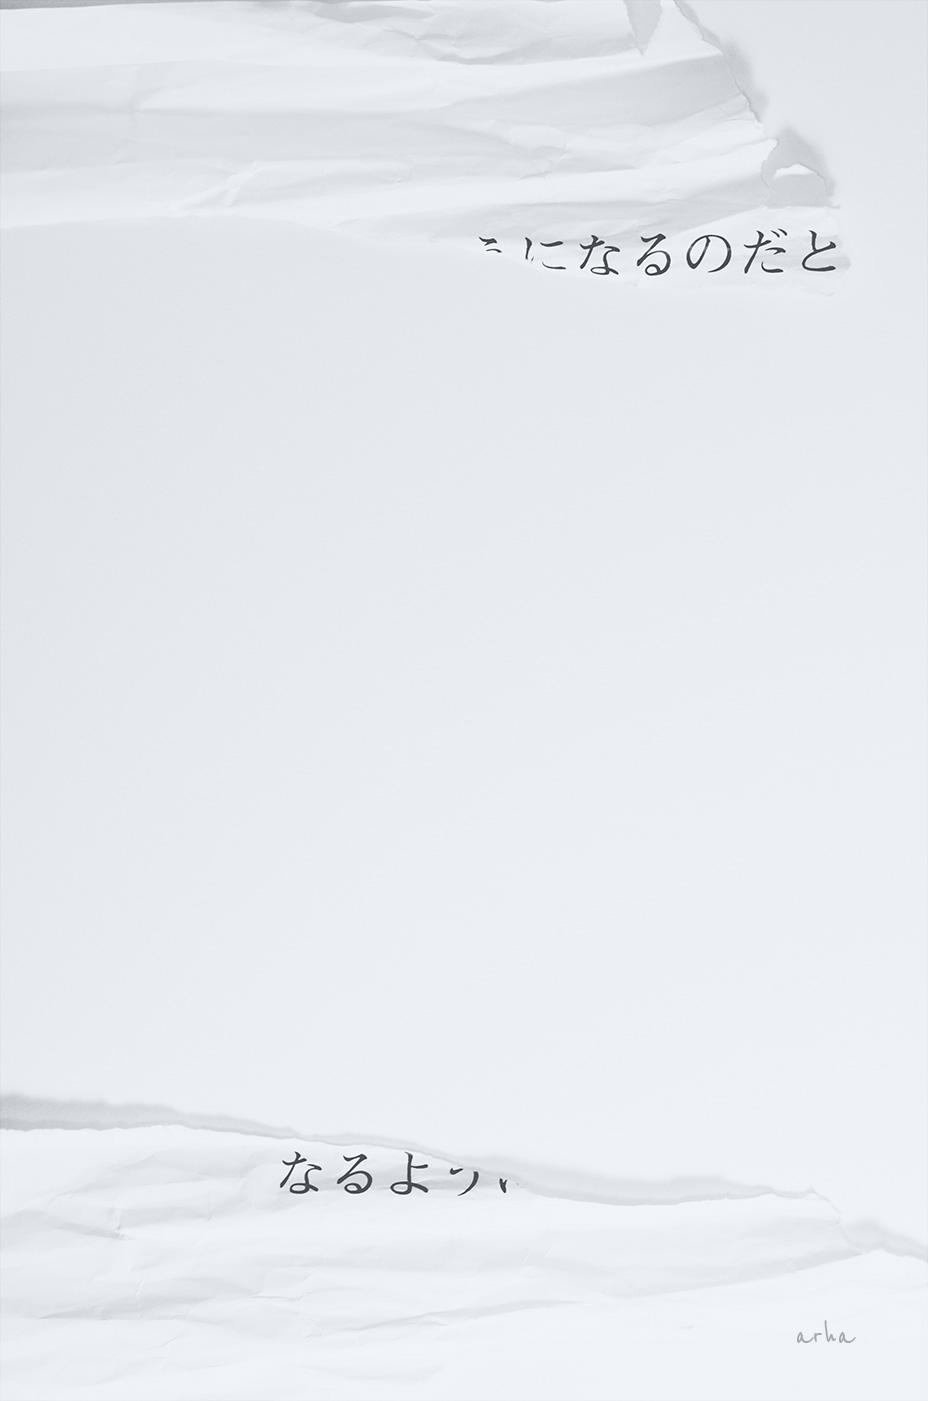 OMOU-2-copyright-2012-arha-Tomomichi-Morifuji